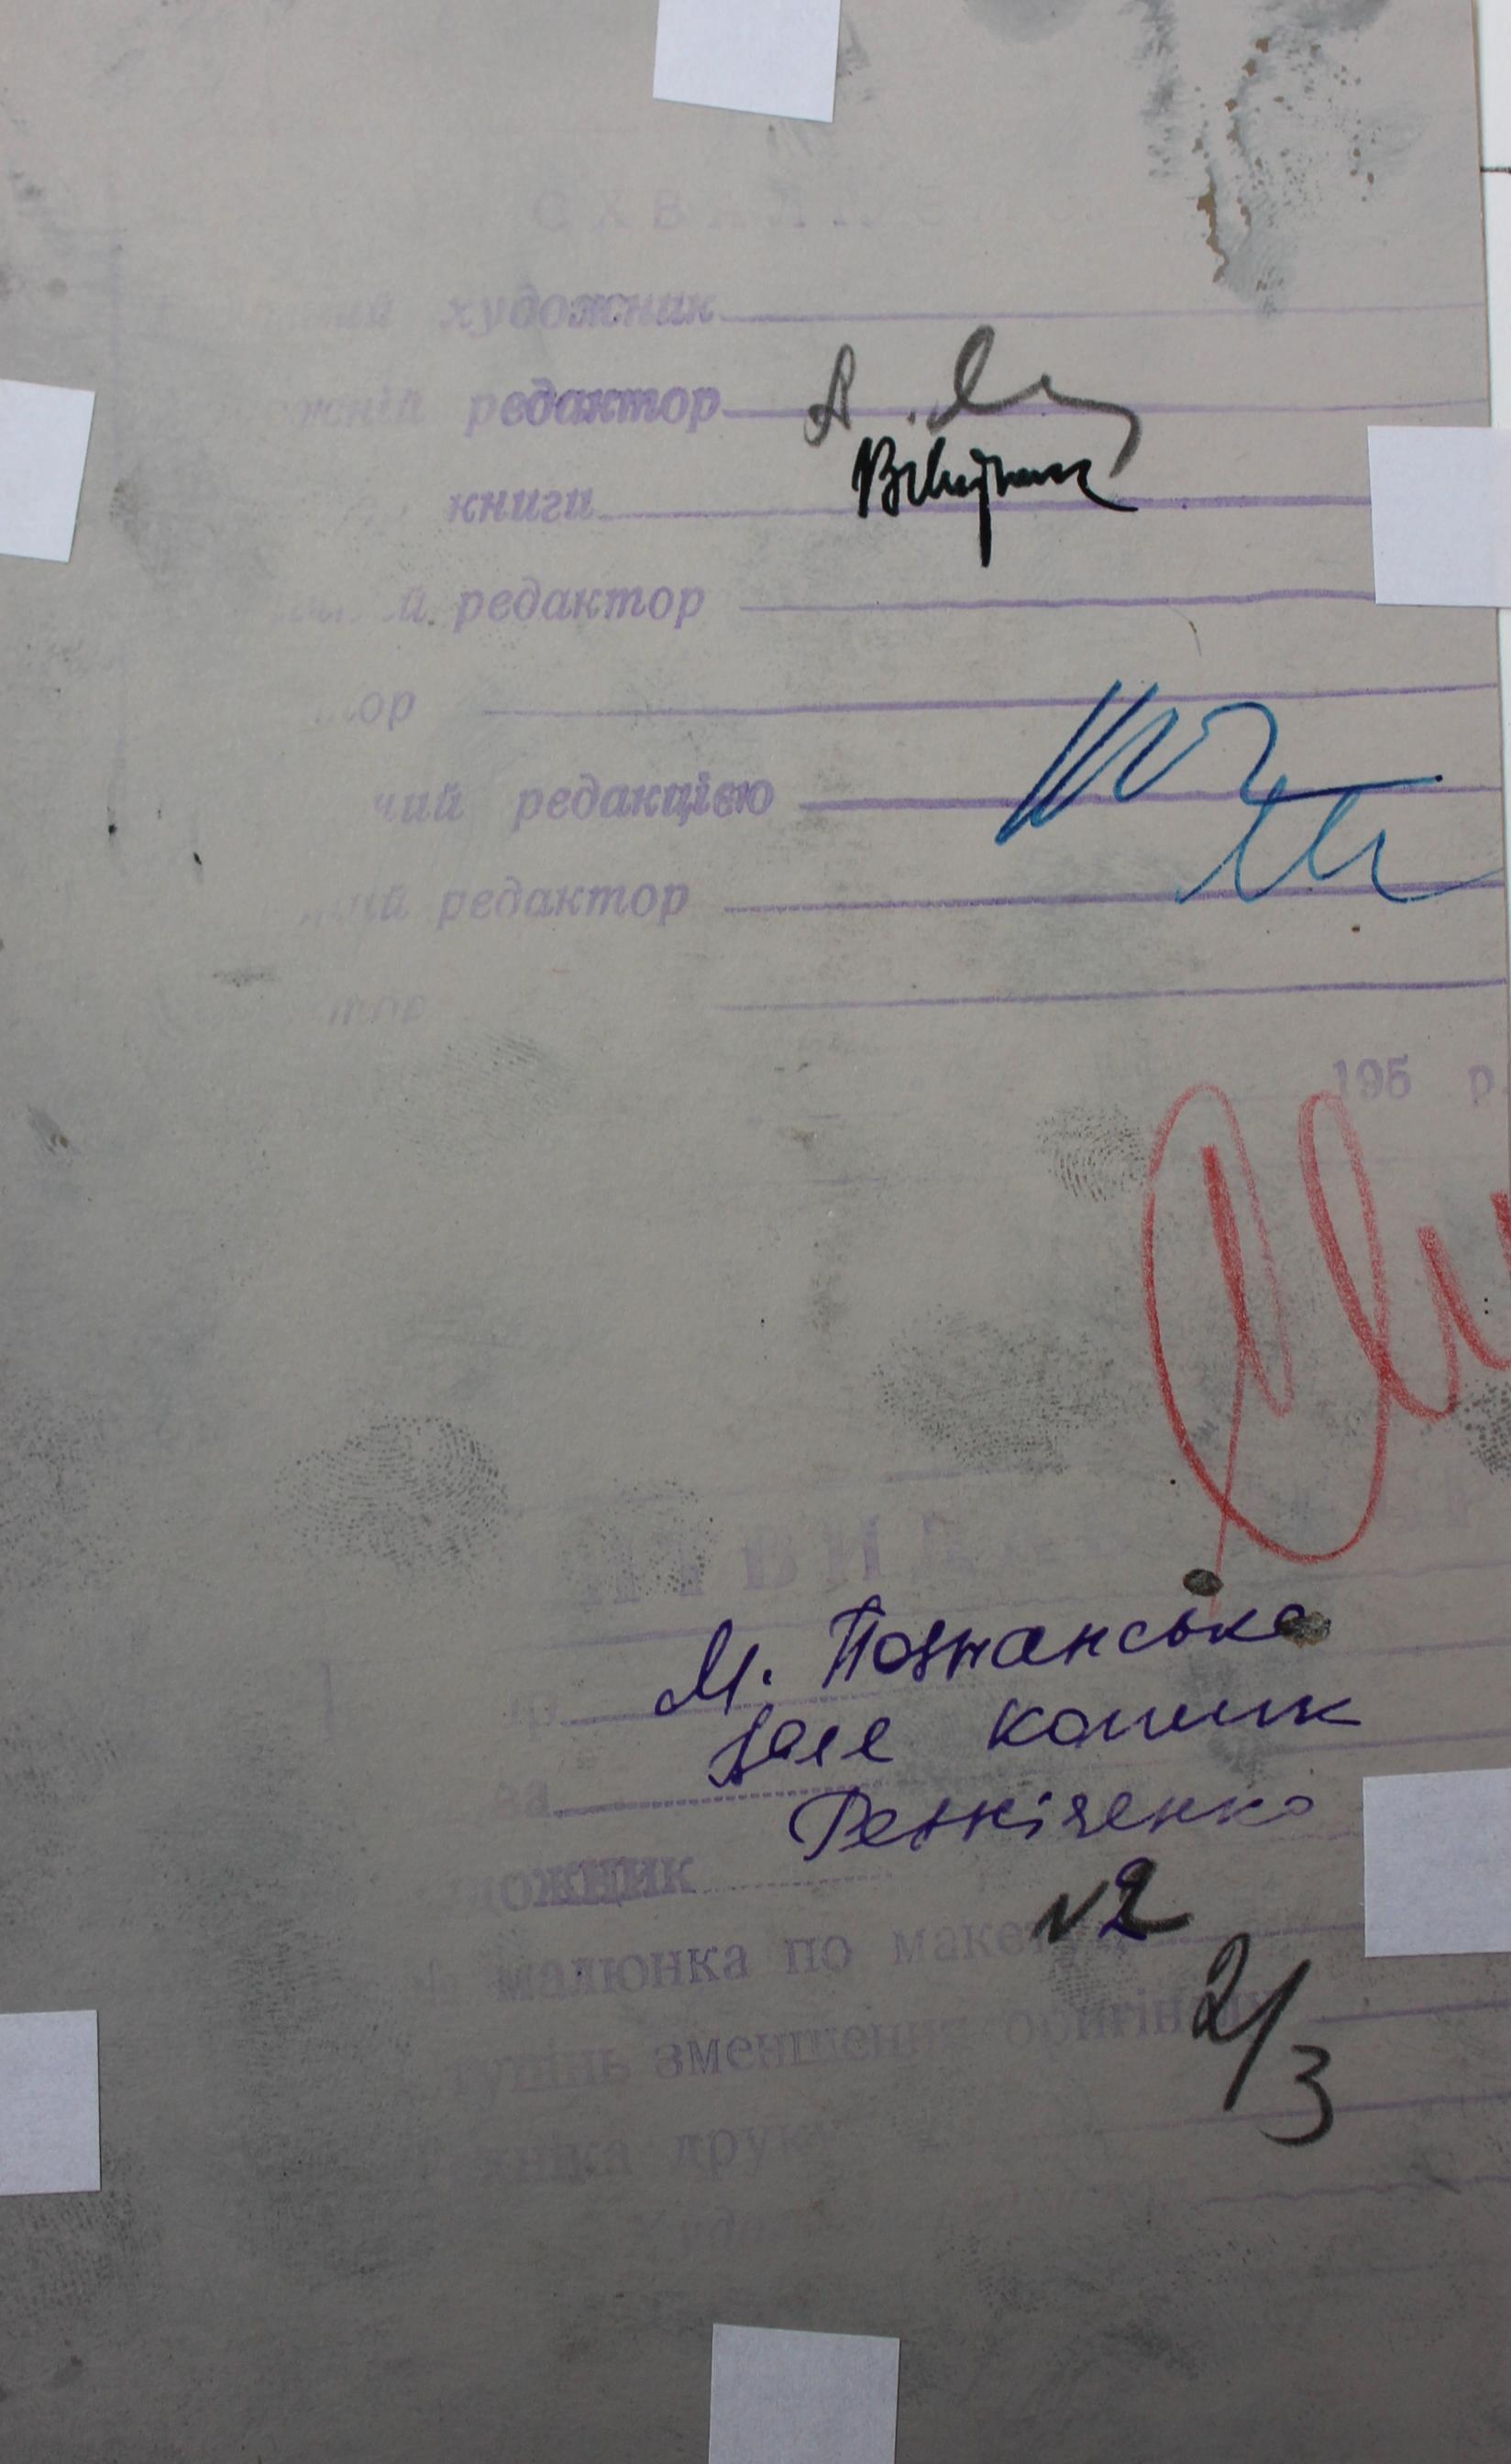 Познанська, рисунок к поэме Валя Котик 7-15 см., бумага, карандаш 1959 год  - 1